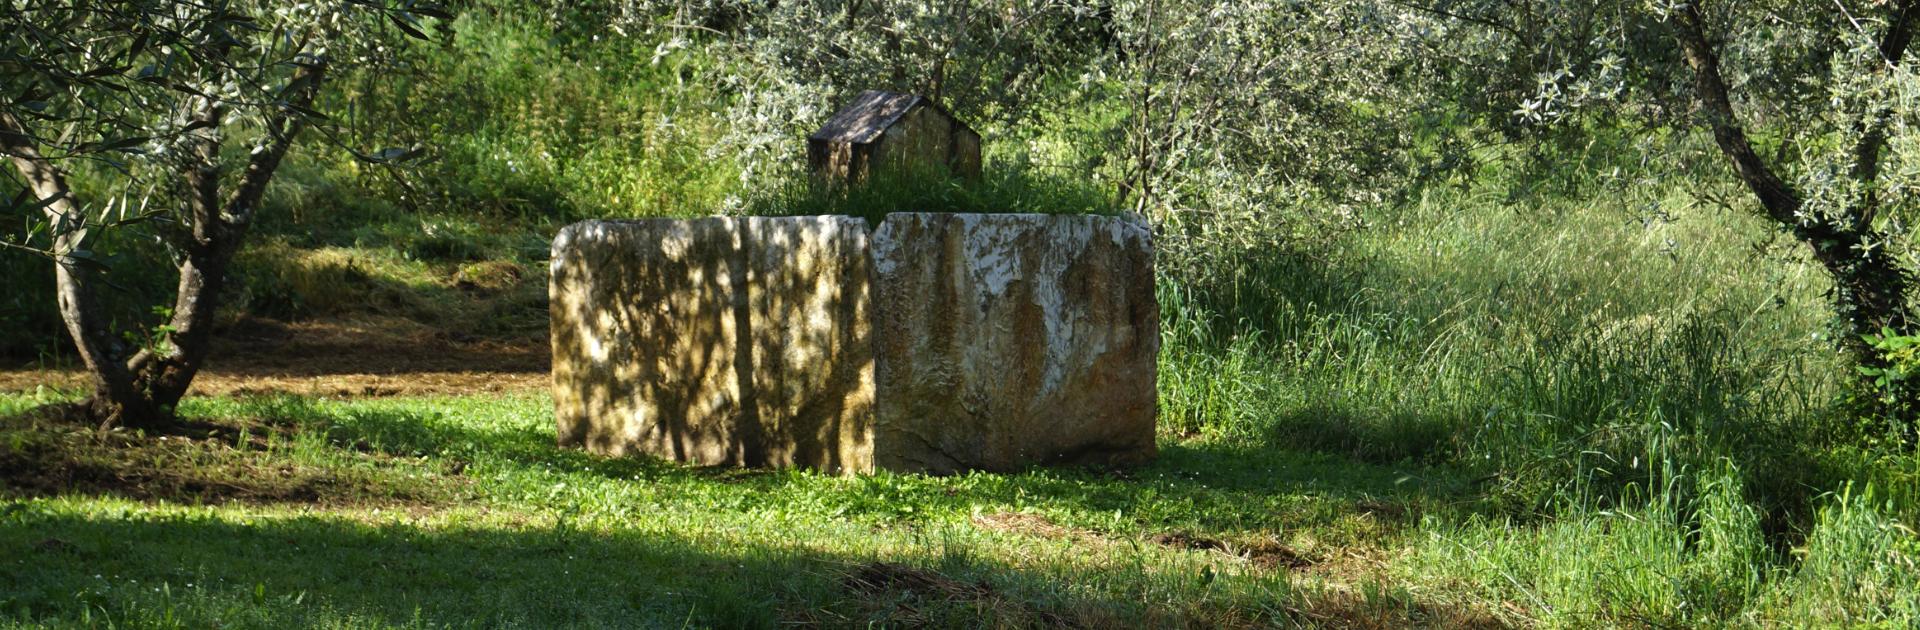 Header Graziano Pompili Giardino di Daniel Spoerri